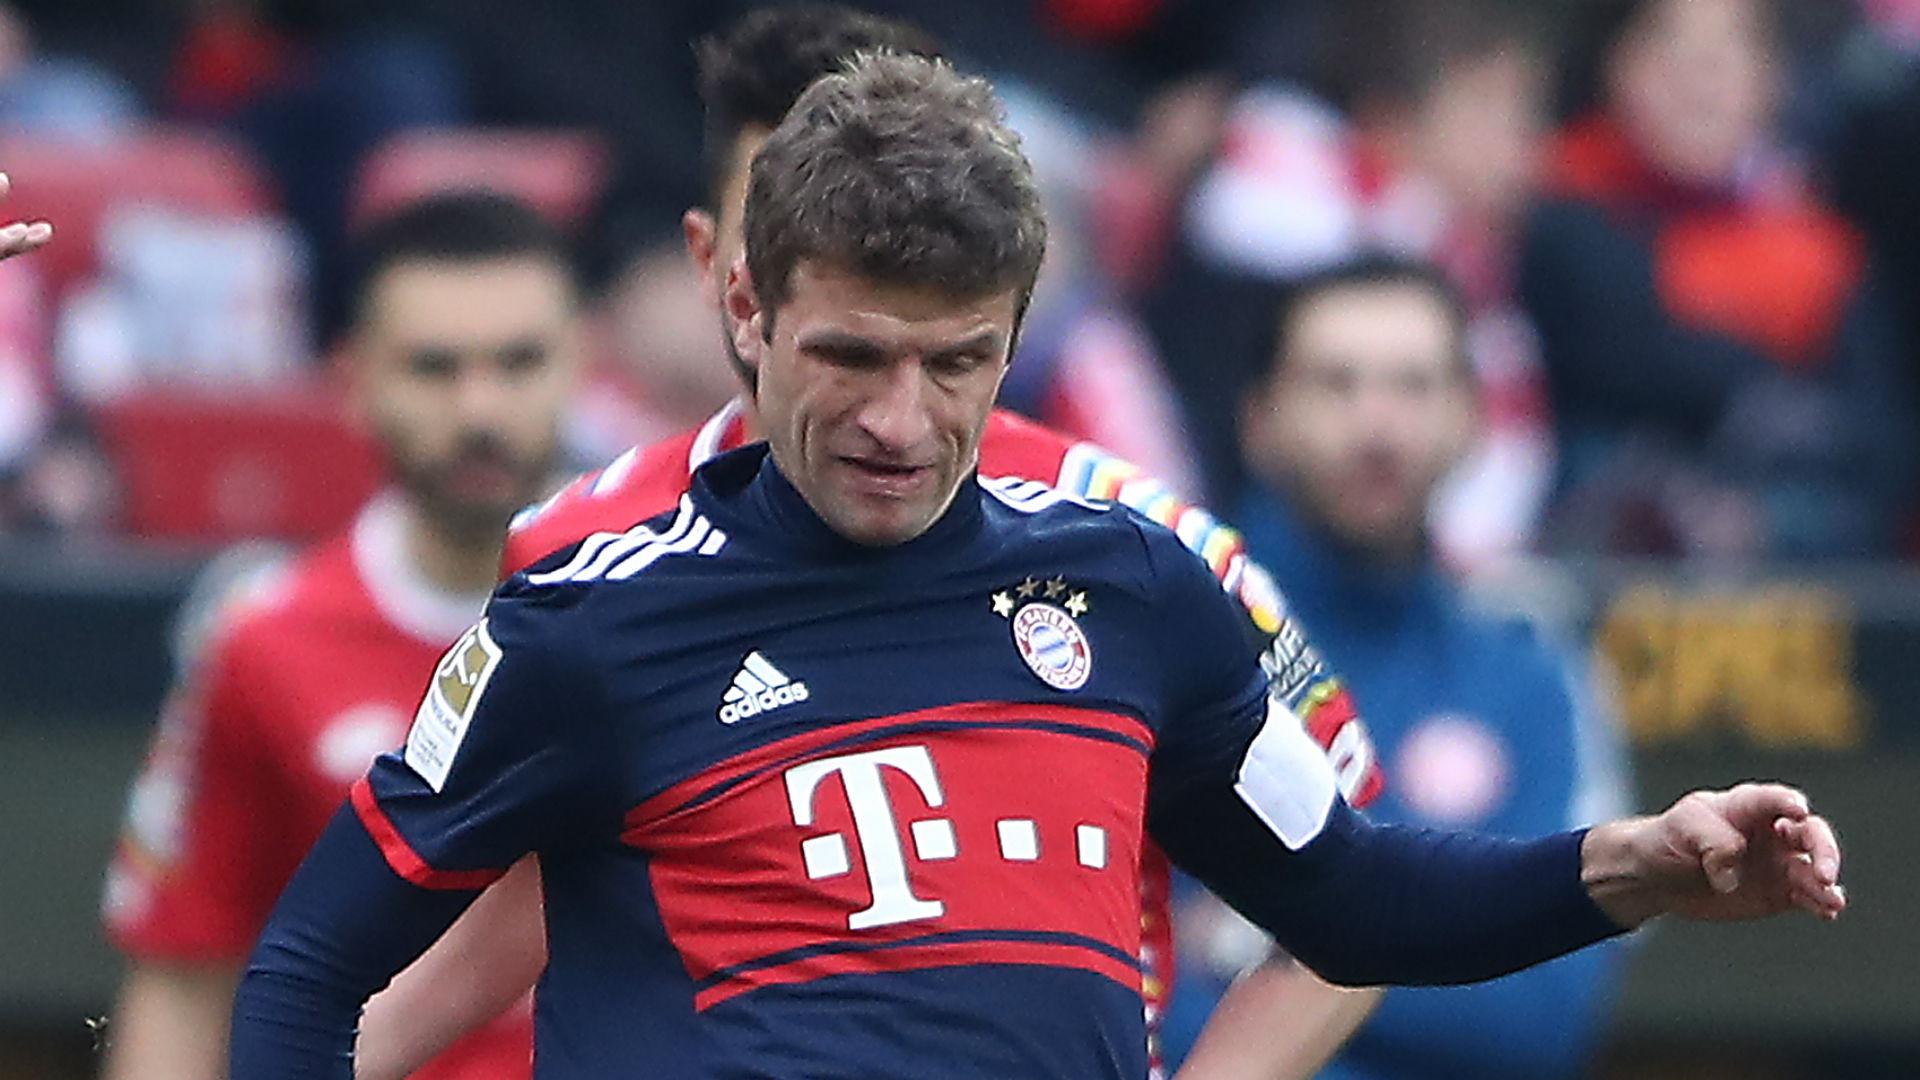 Das schreiben die Medien zu Tuchel und dem FC Bayern